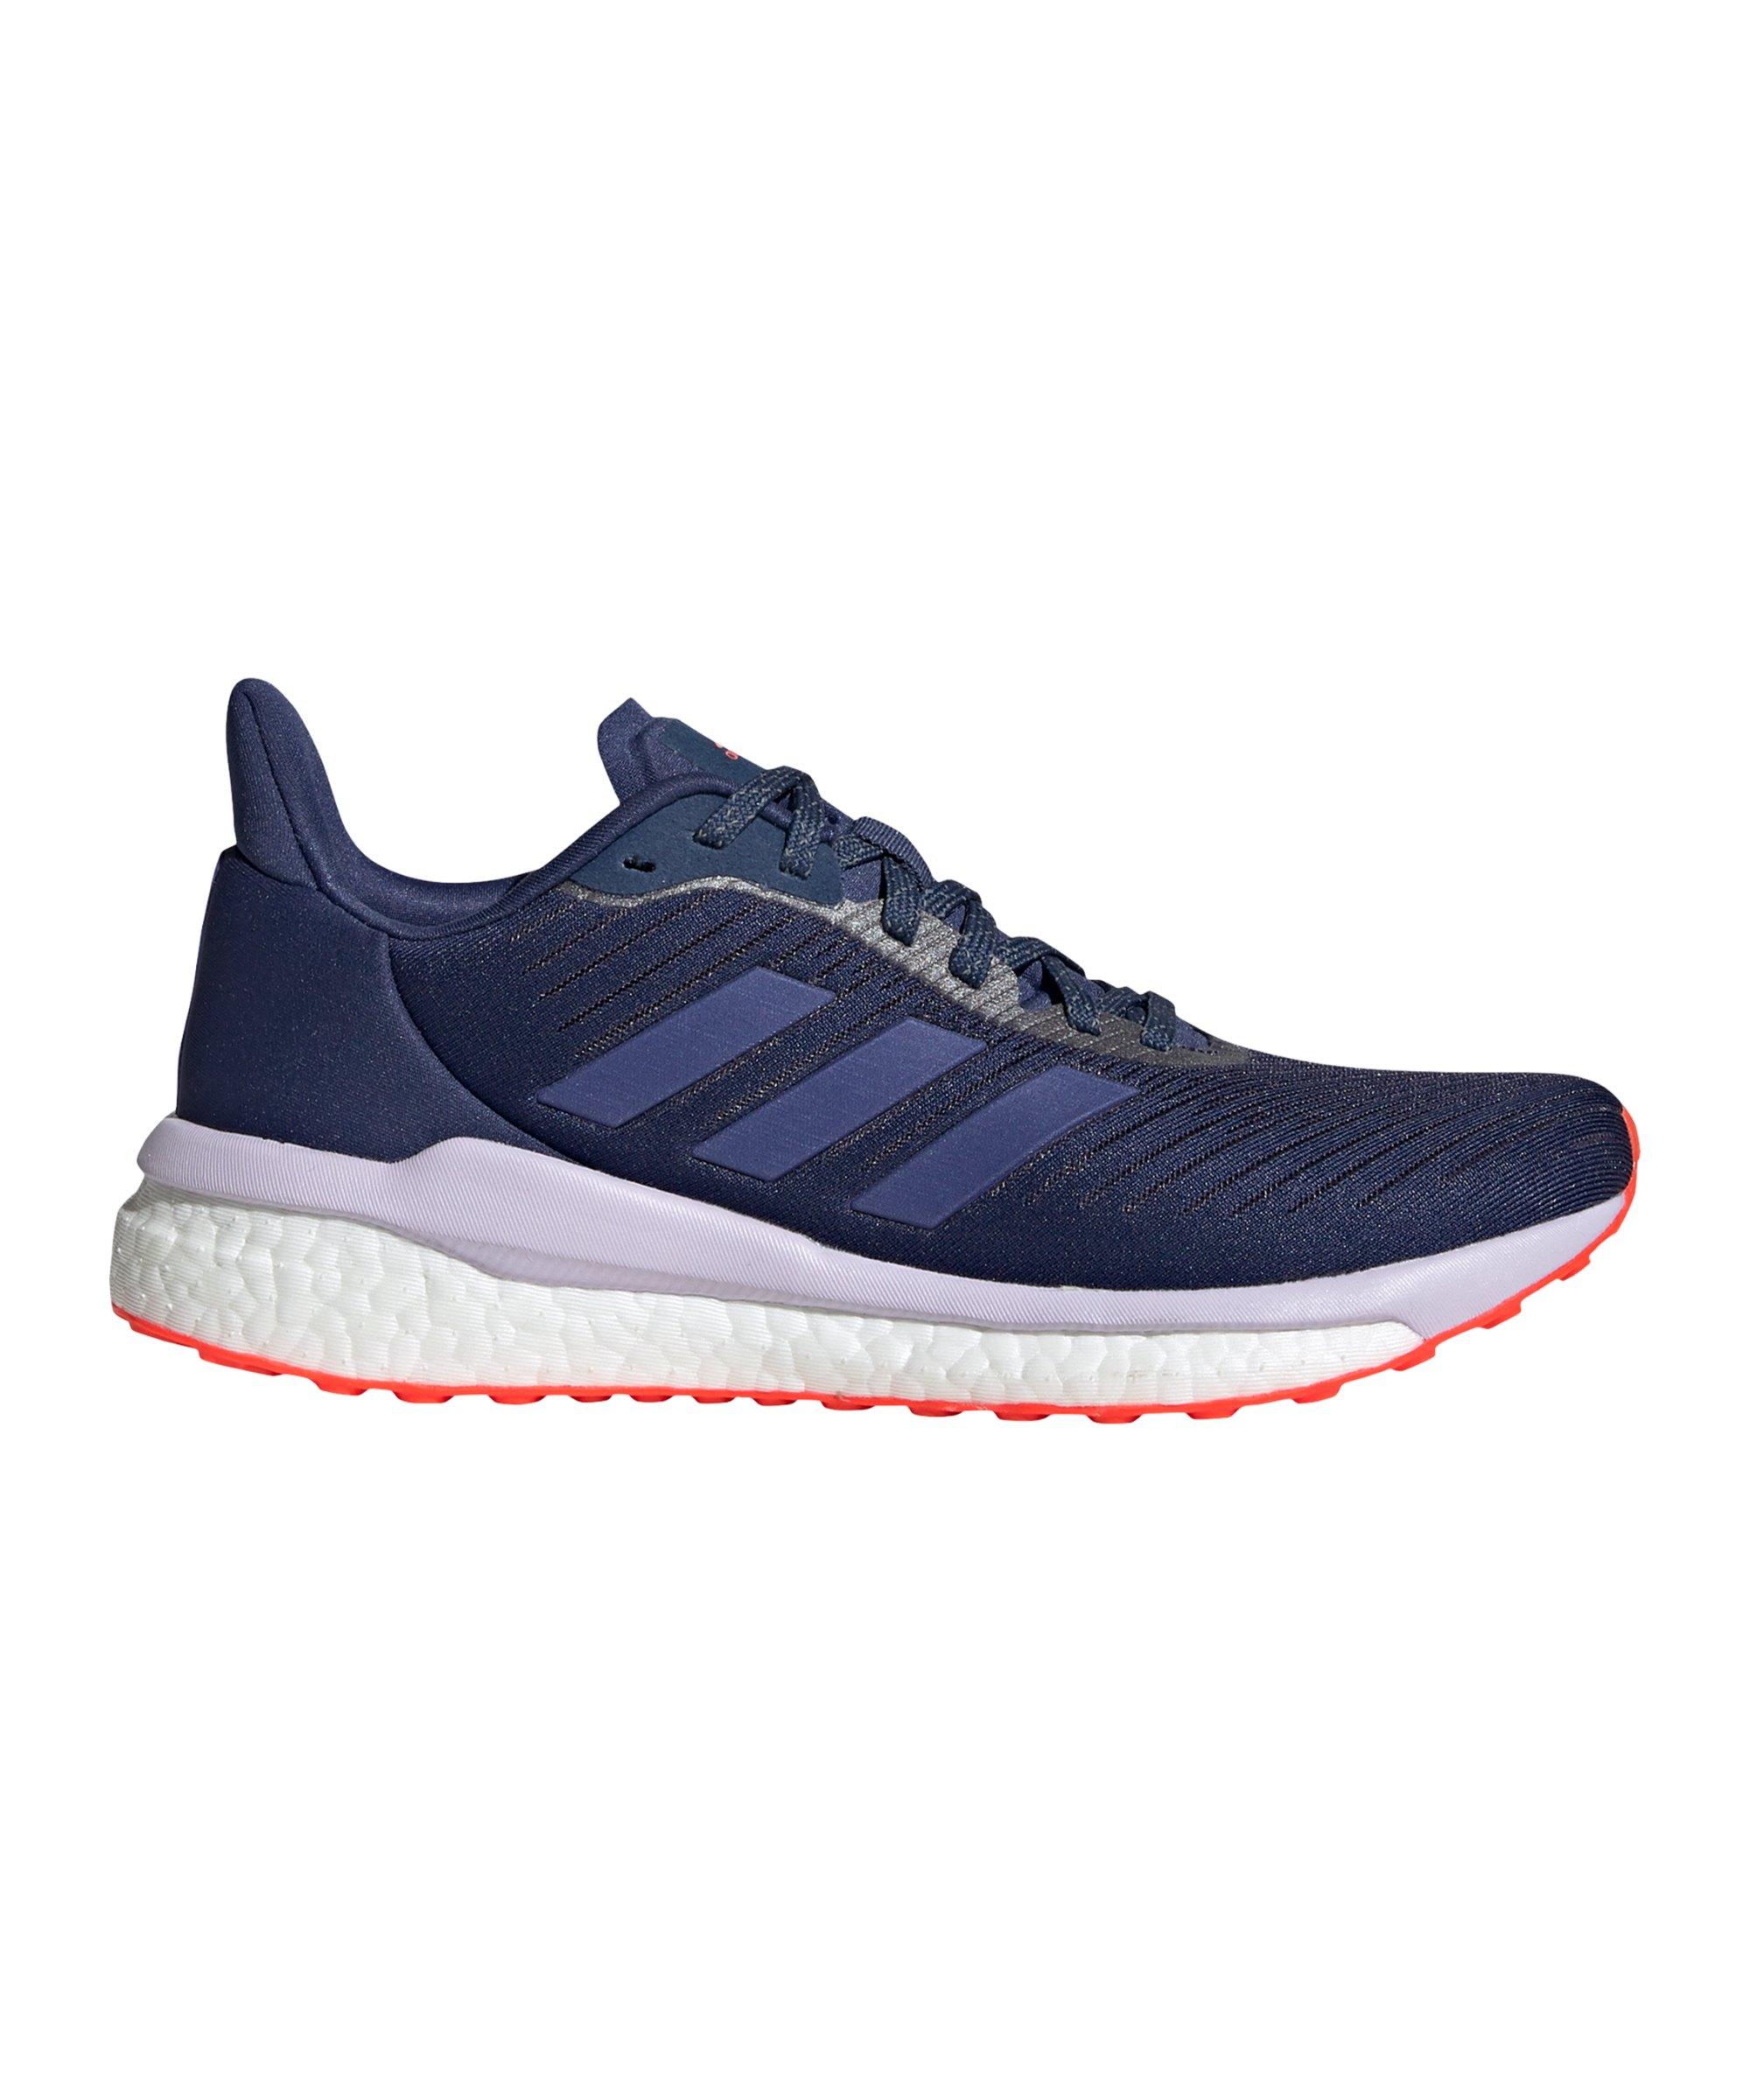 adidas Solar Drive 19 Running Damen Blau Orange - blau